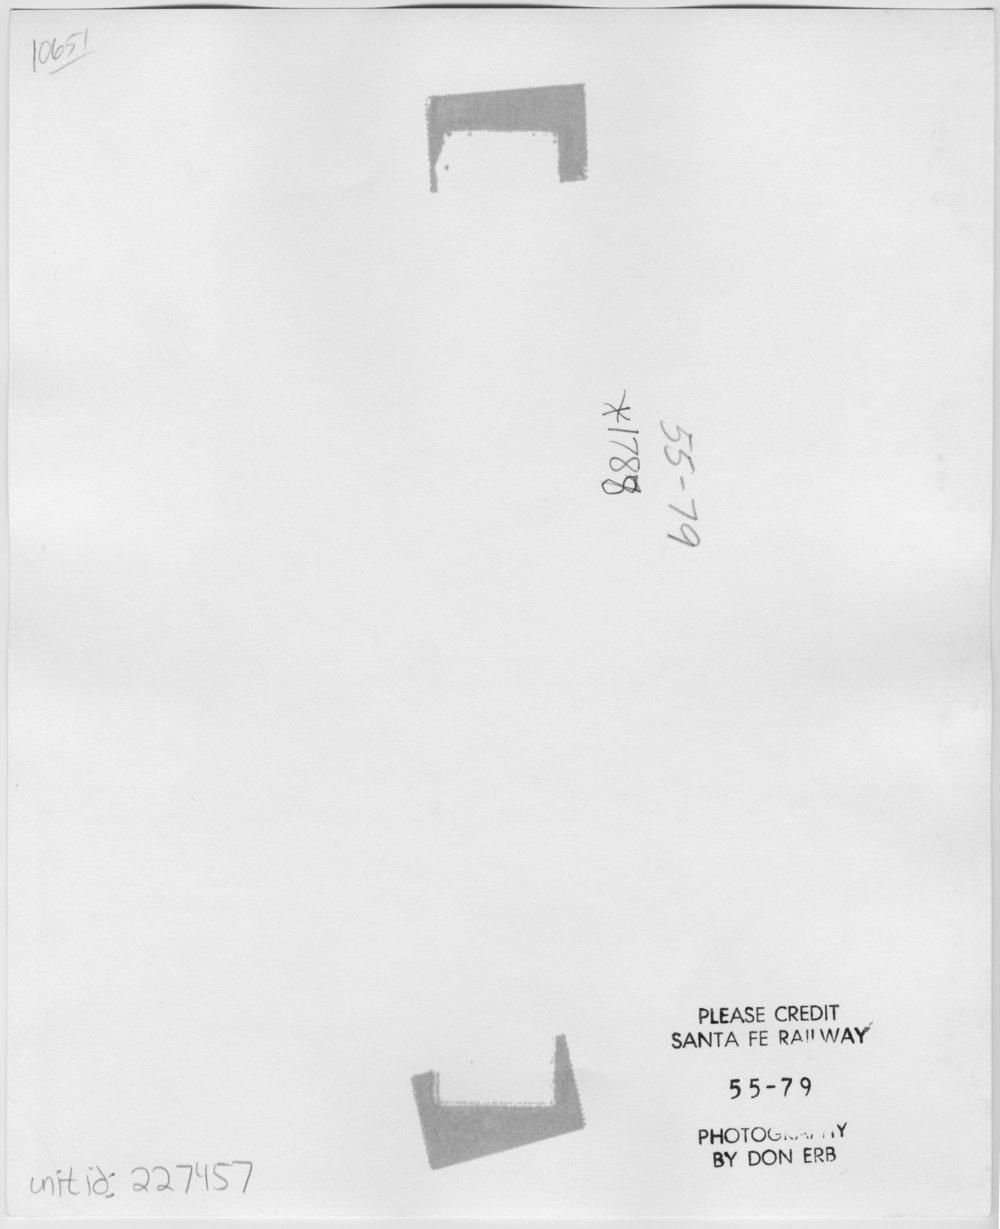 Atchison, Topeka & Santa Fe Railway Company's box car no. 13247 - 2